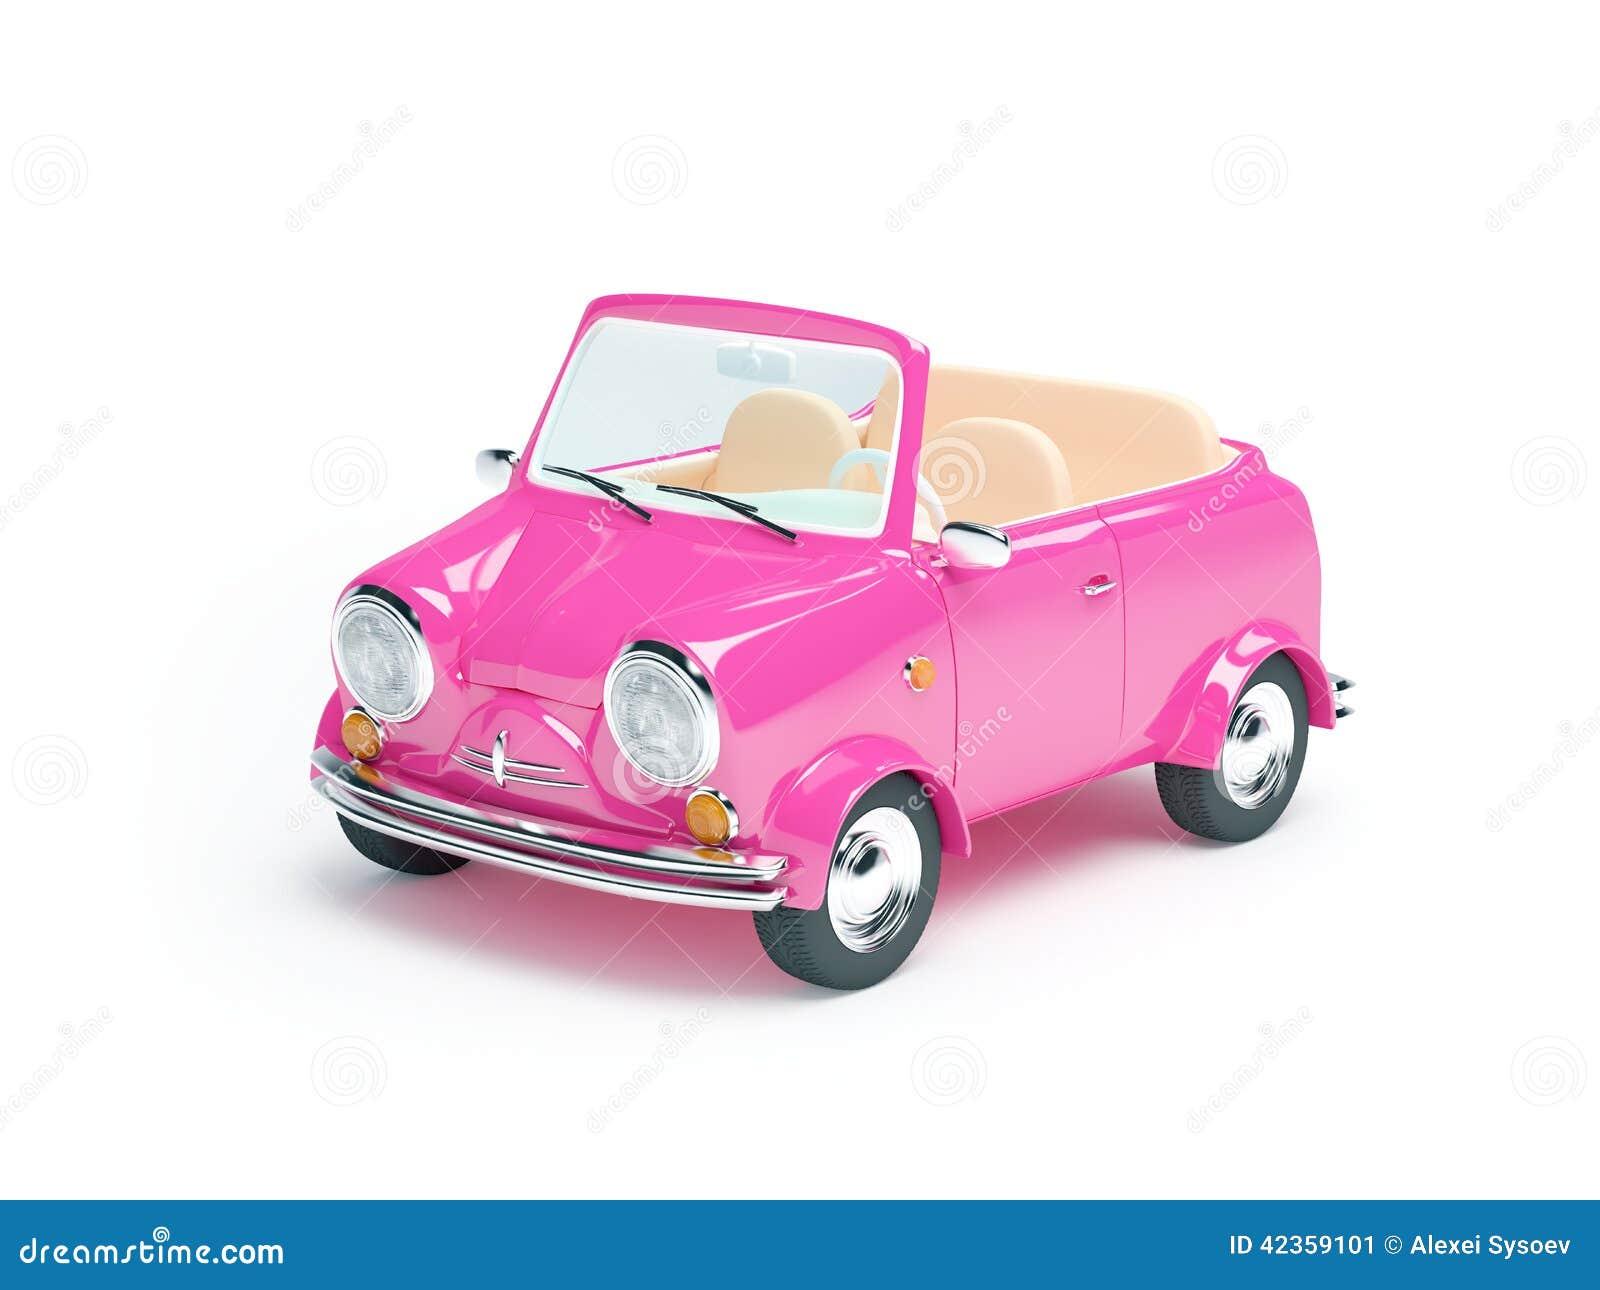 petite voiture rose illustration stock image 42359101. Black Bedroom Furniture Sets. Home Design Ideas